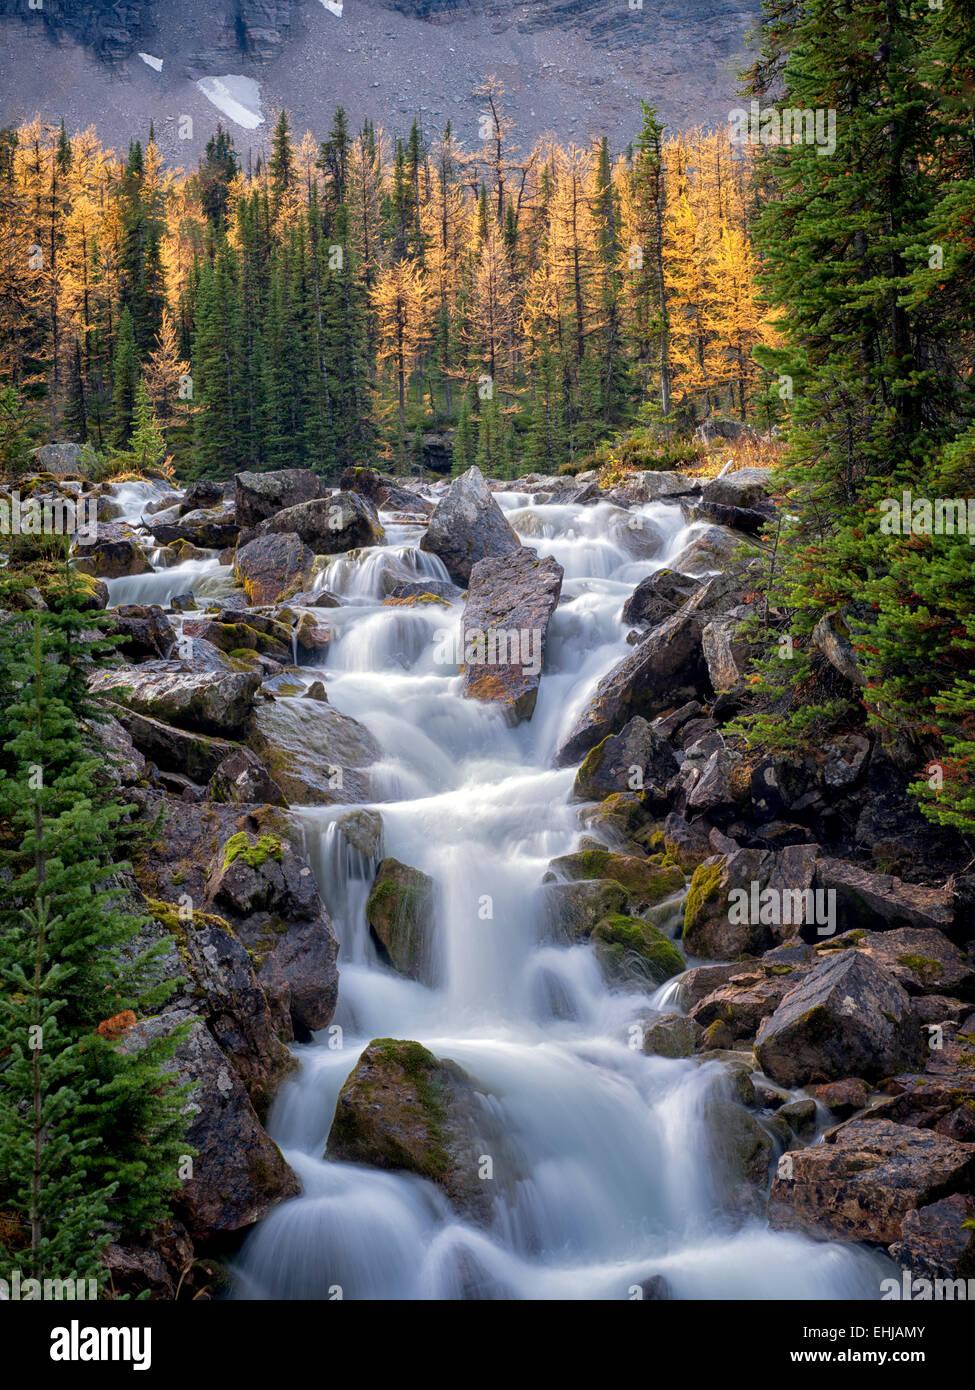 Les débits des cours d'eau à partir de l'automne dernier plateau Opabin mélèzes colorés. Photo Stock